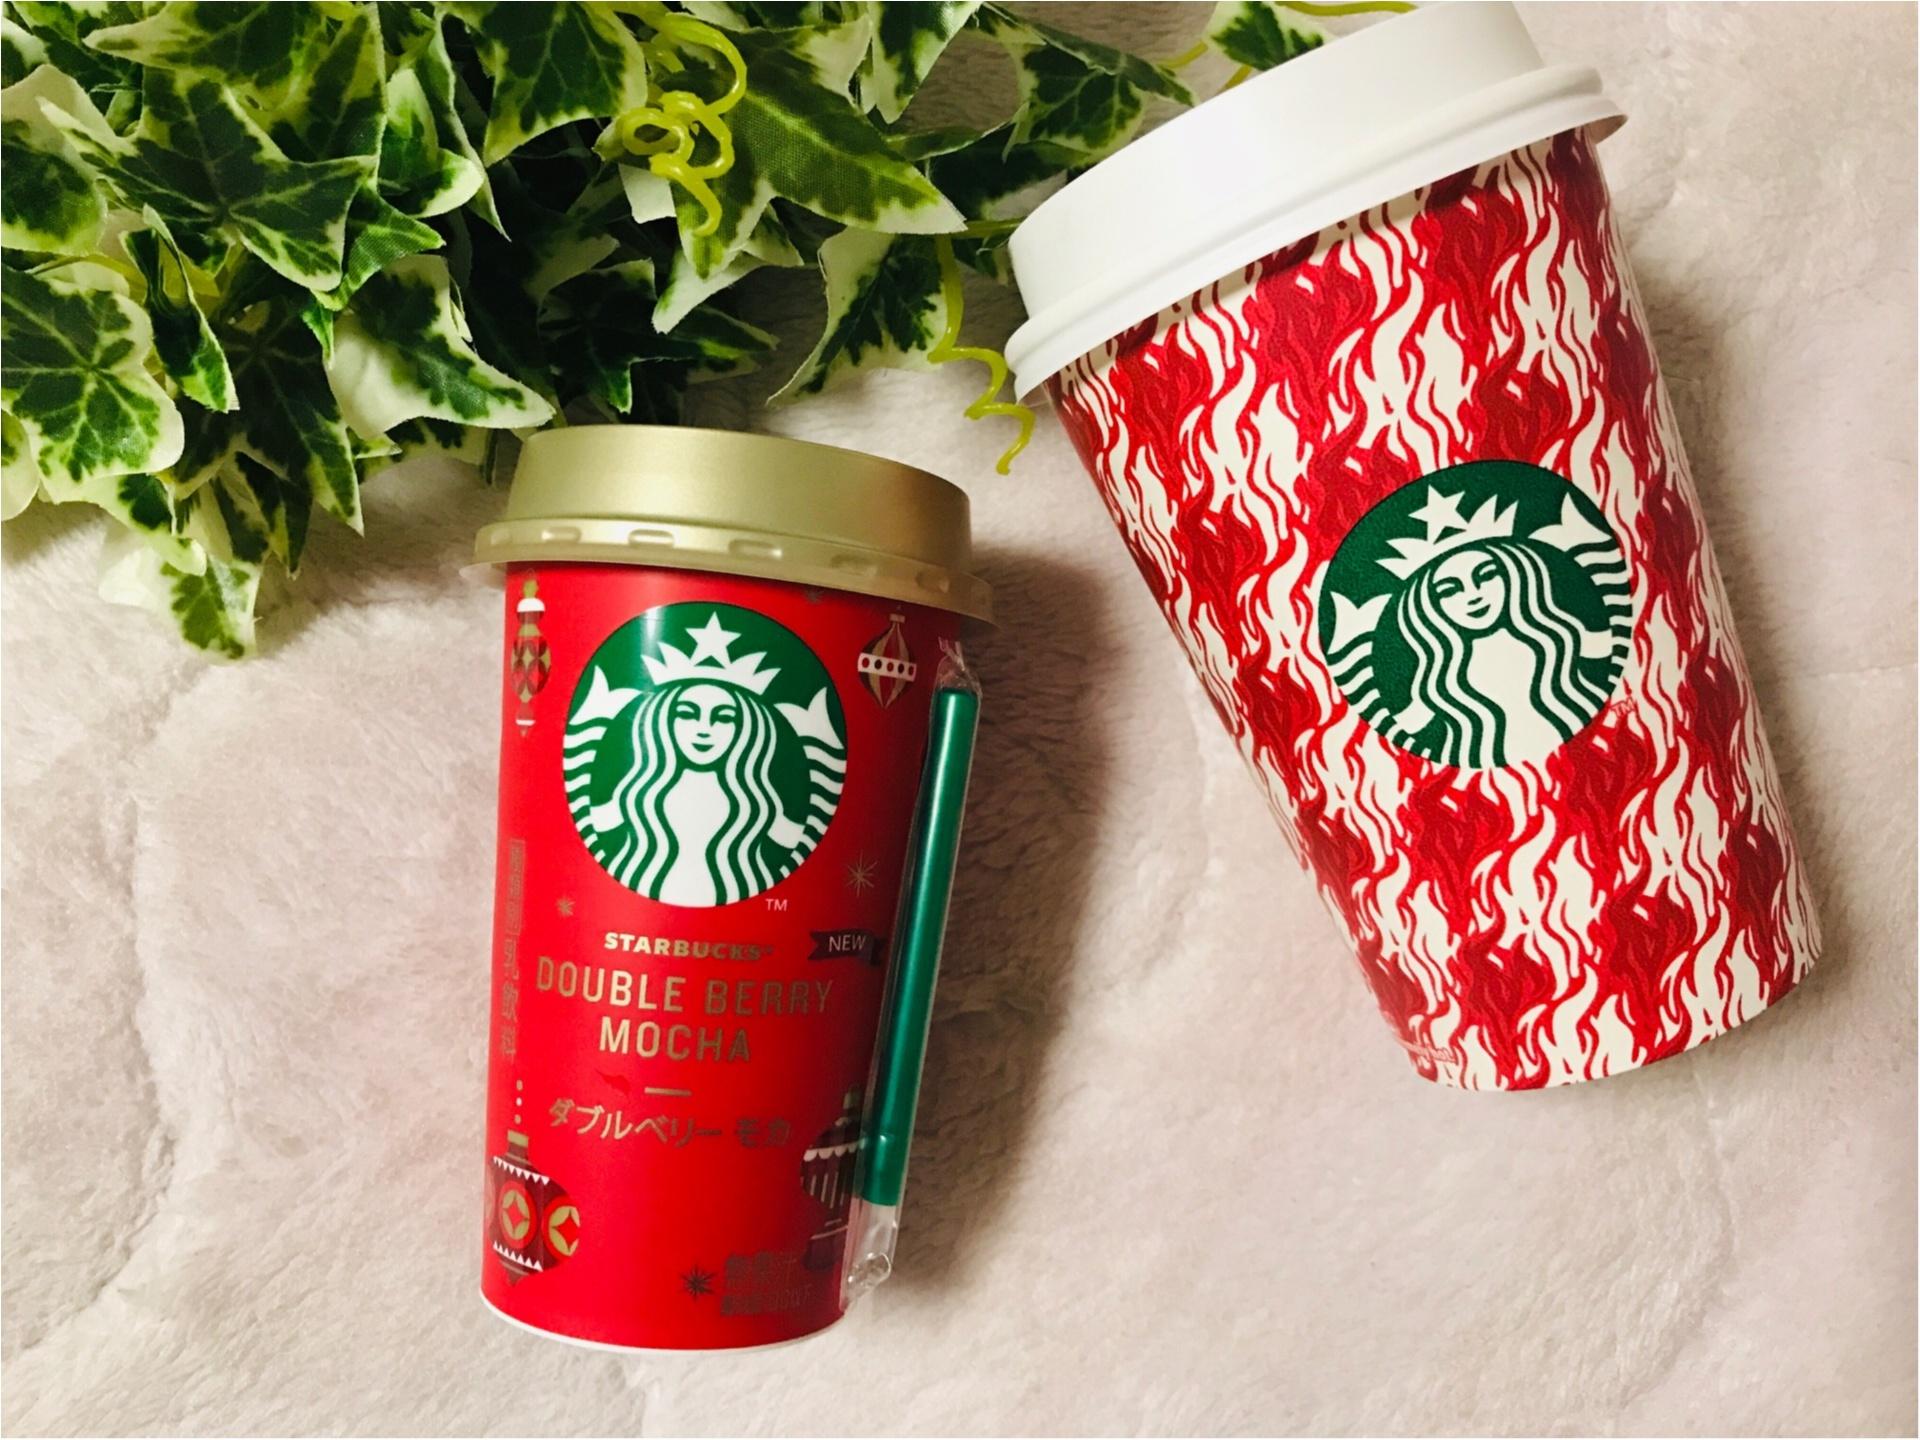 【コンビニスタバ】にもクリスマス到来!新作《ダブルベリーモカ》が美味し可愛い♡_4